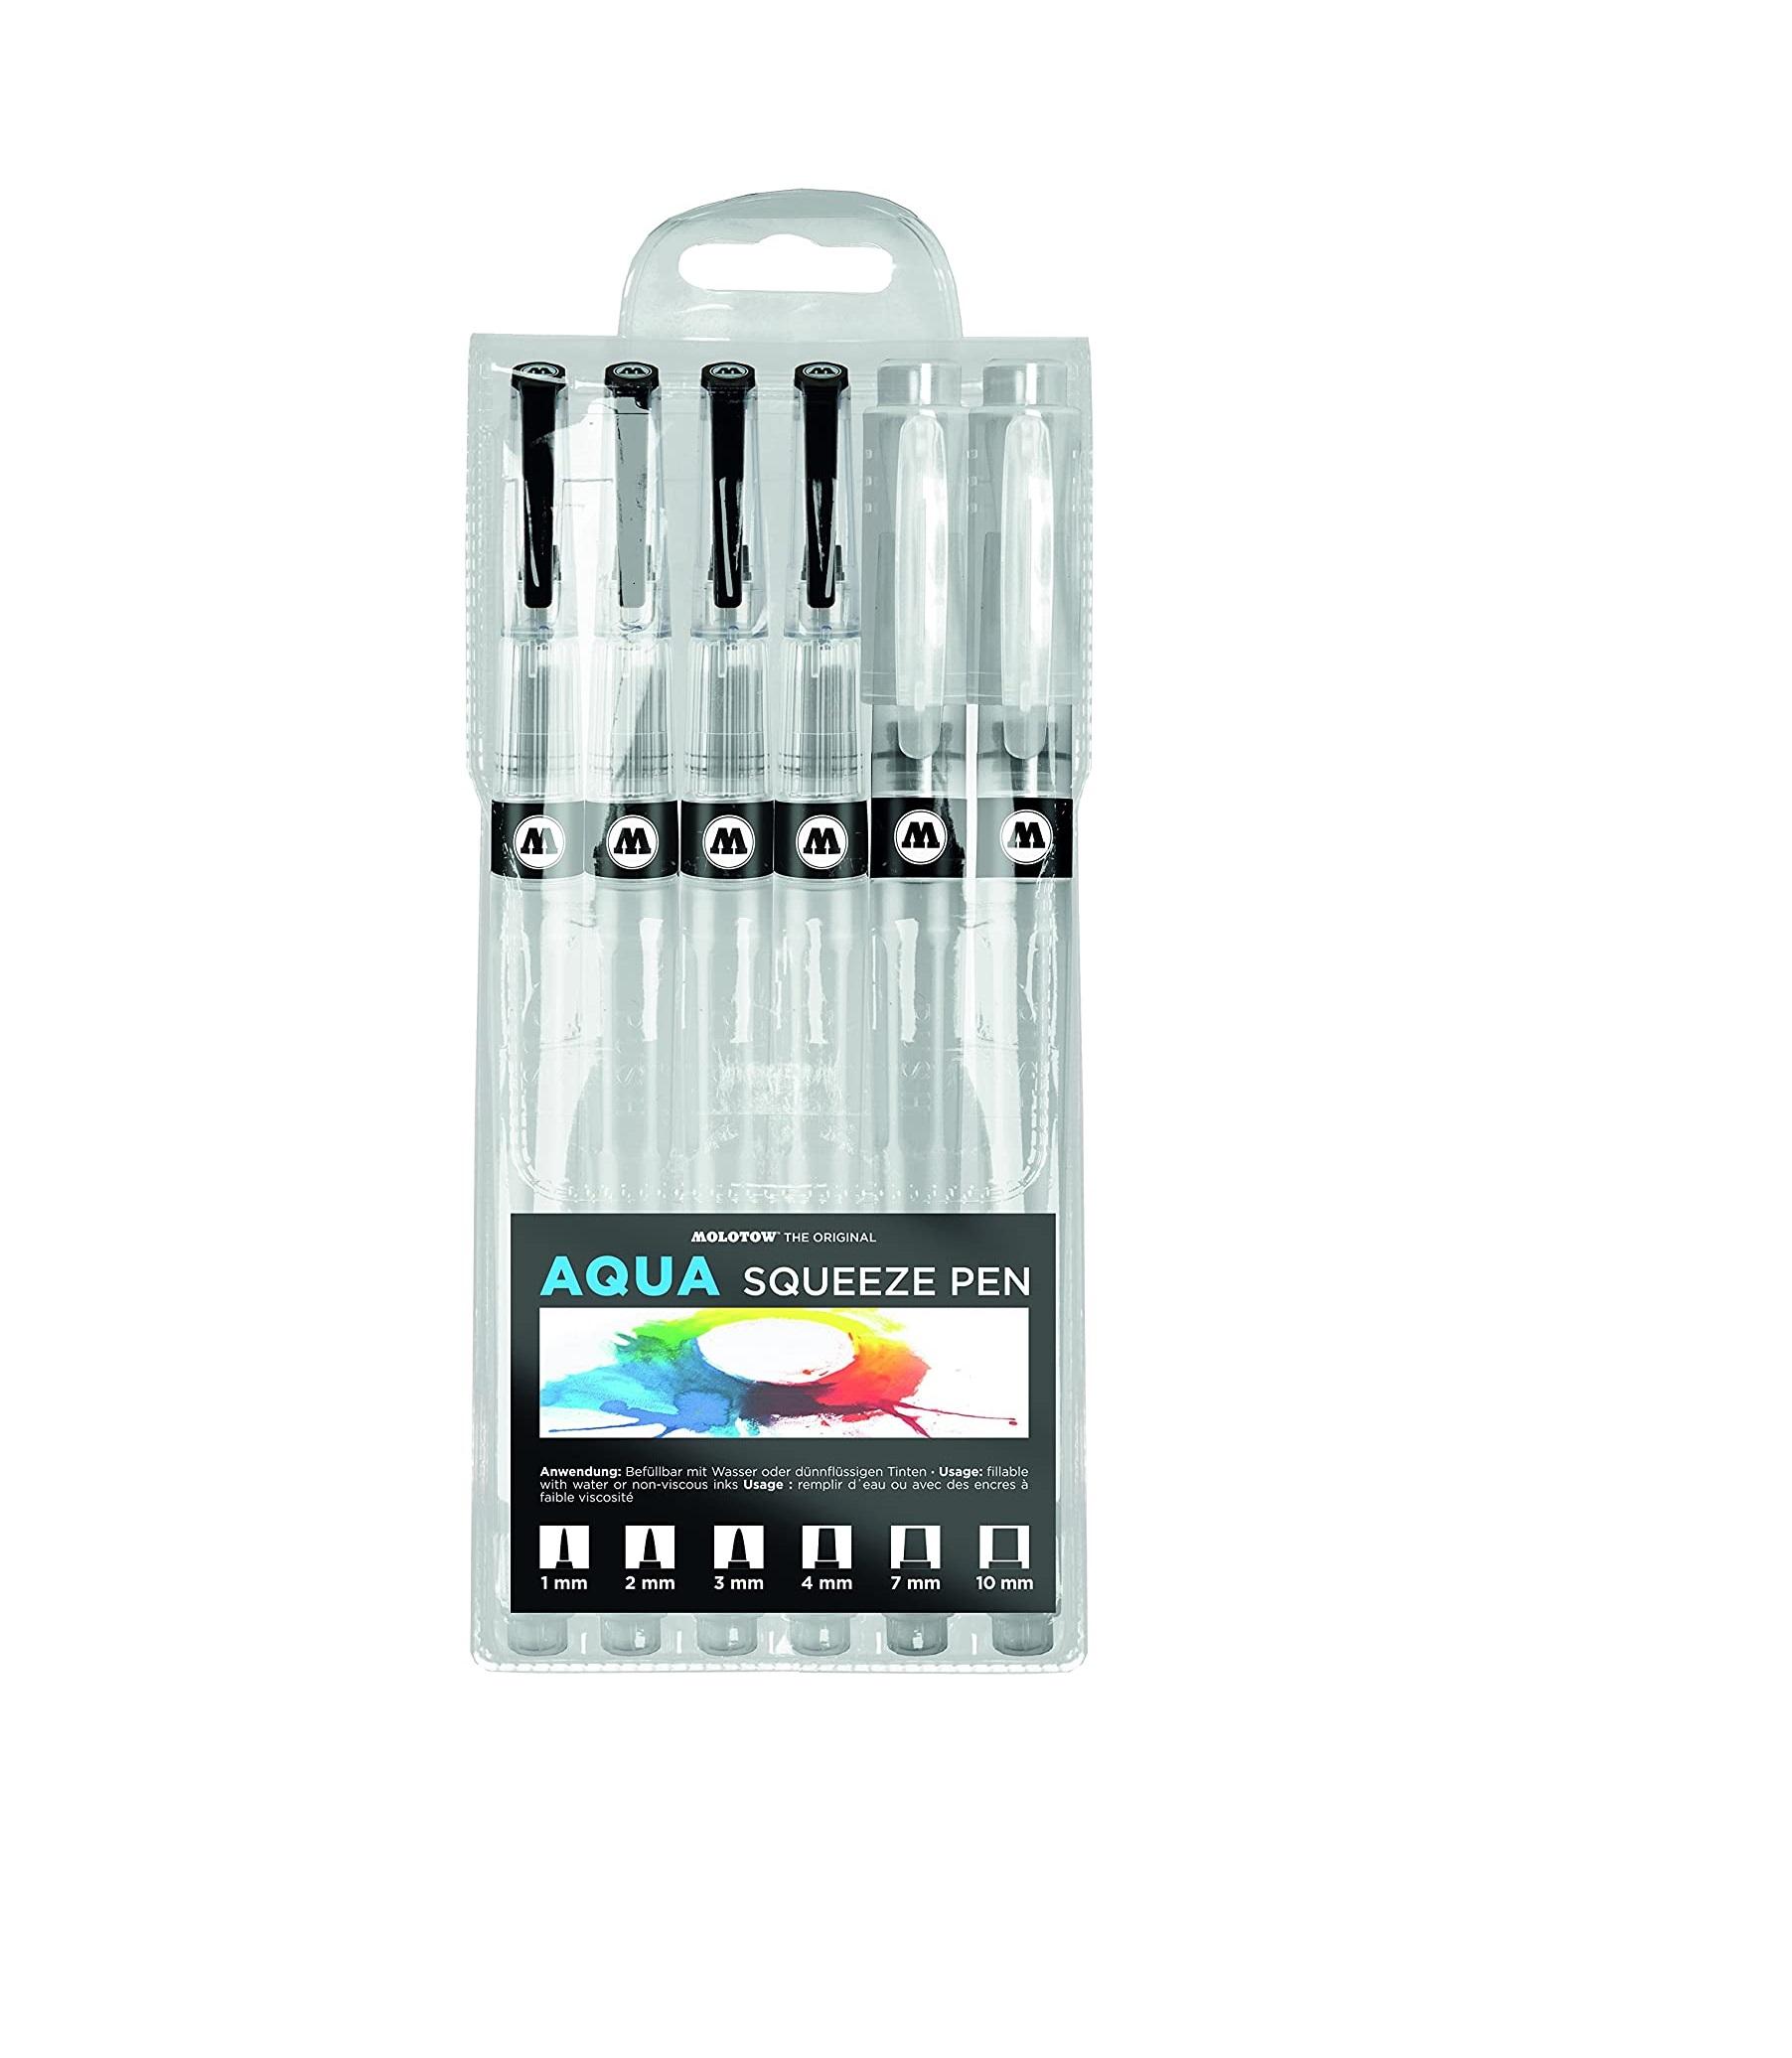 Molotow Aqua Squeeze Pen 6-pen Ink Set